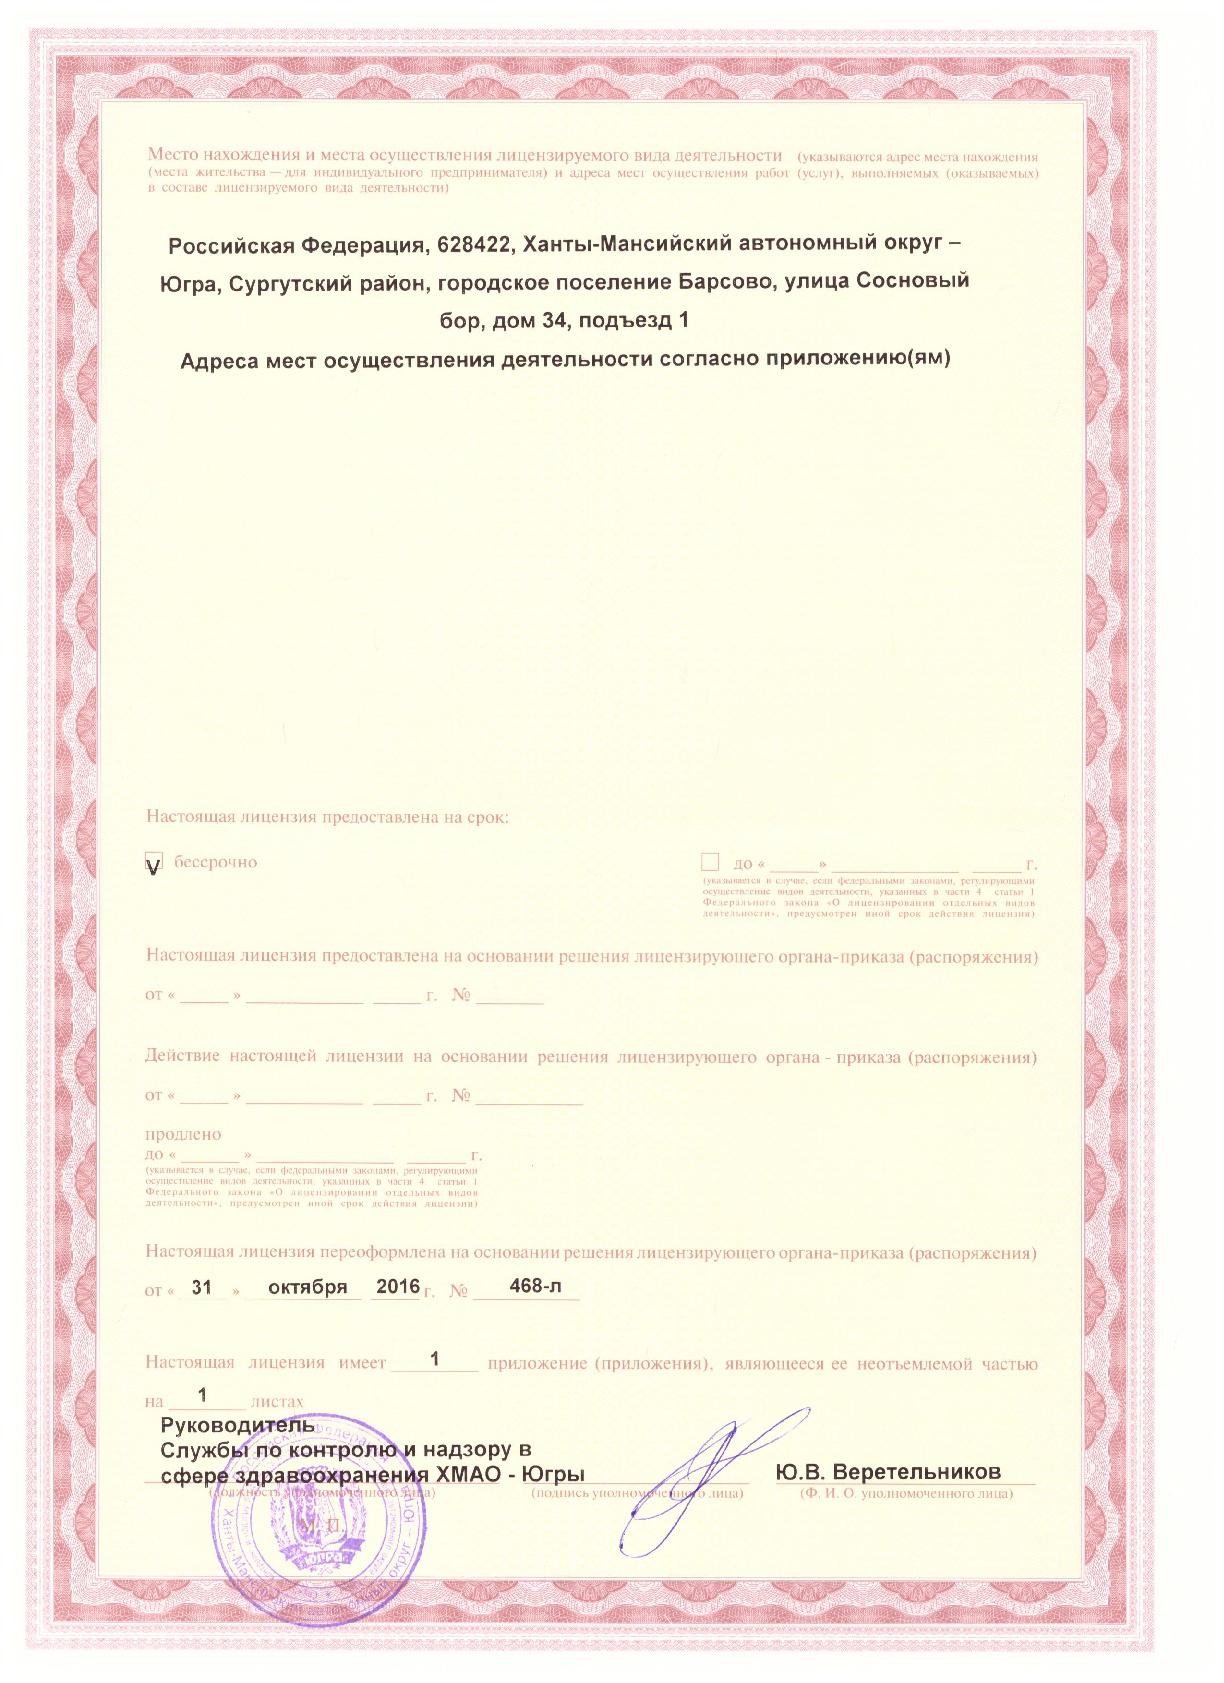 Лицензия на осуществление медицинской деятельности от 31.10.2016 (страница 2)